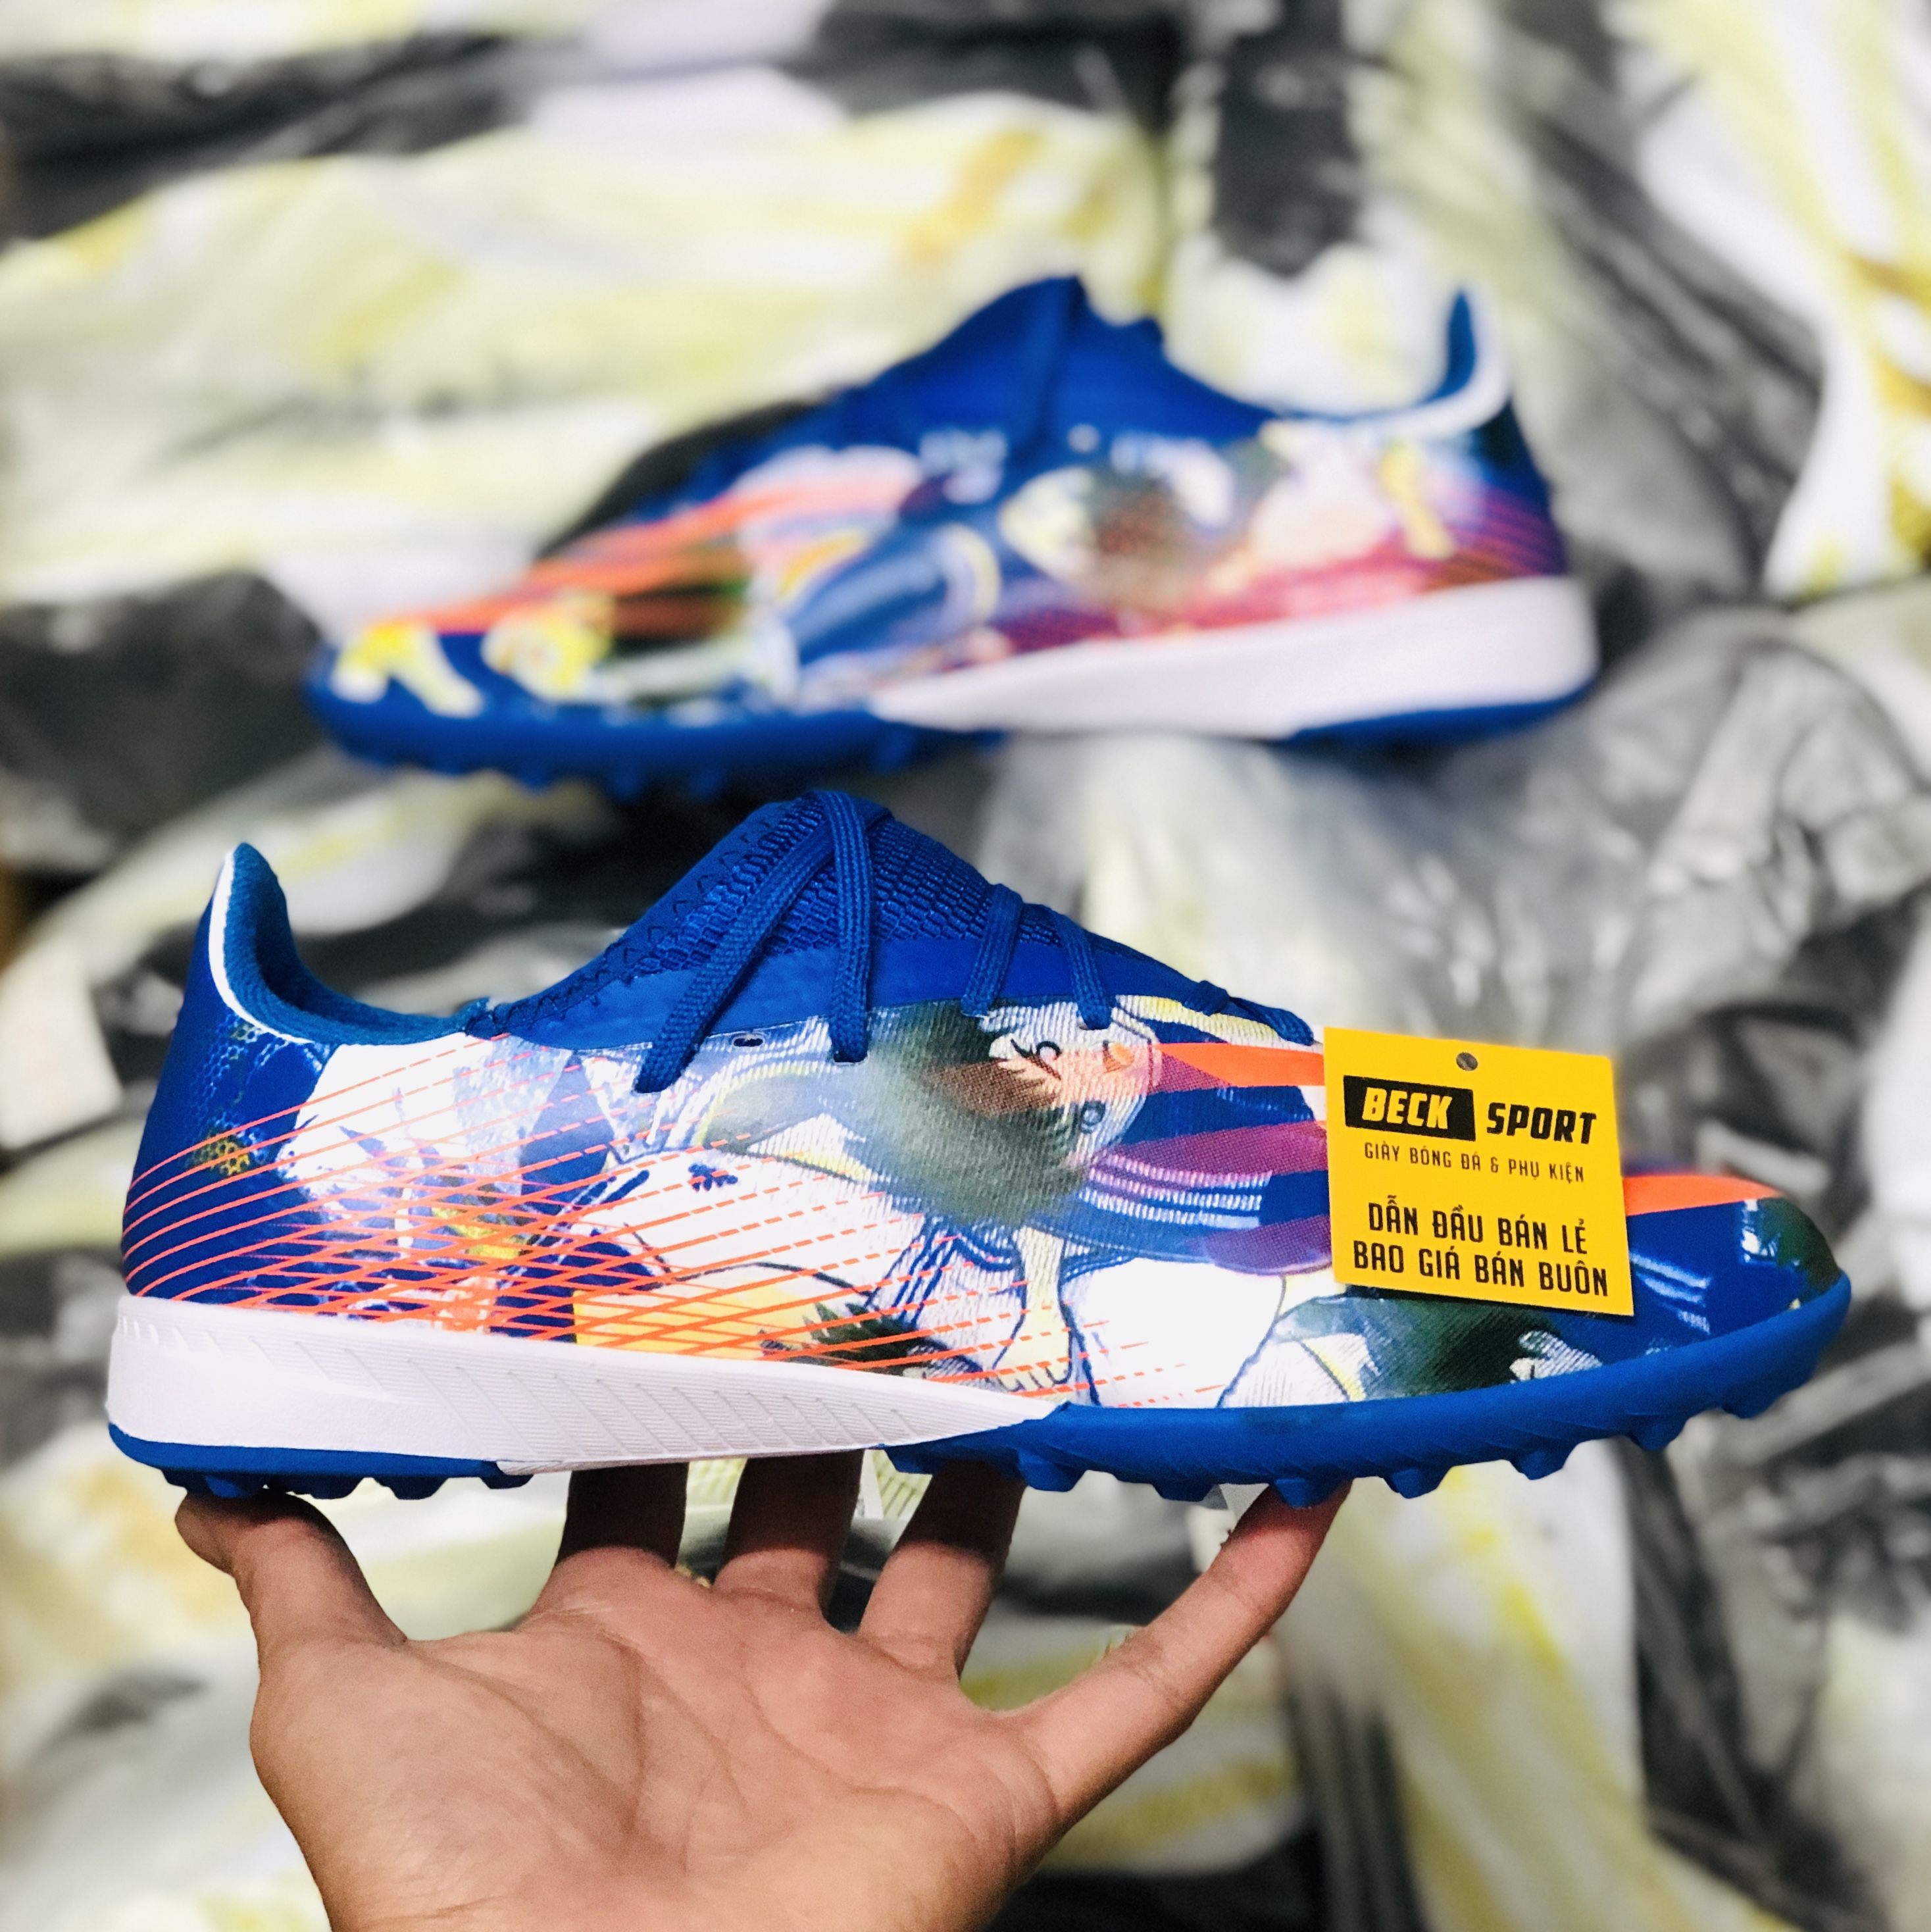 Giày Bóng Đá Adidas X Ghosted.3 Tsubasa Xanh Biển Vạch Cam V2 TF